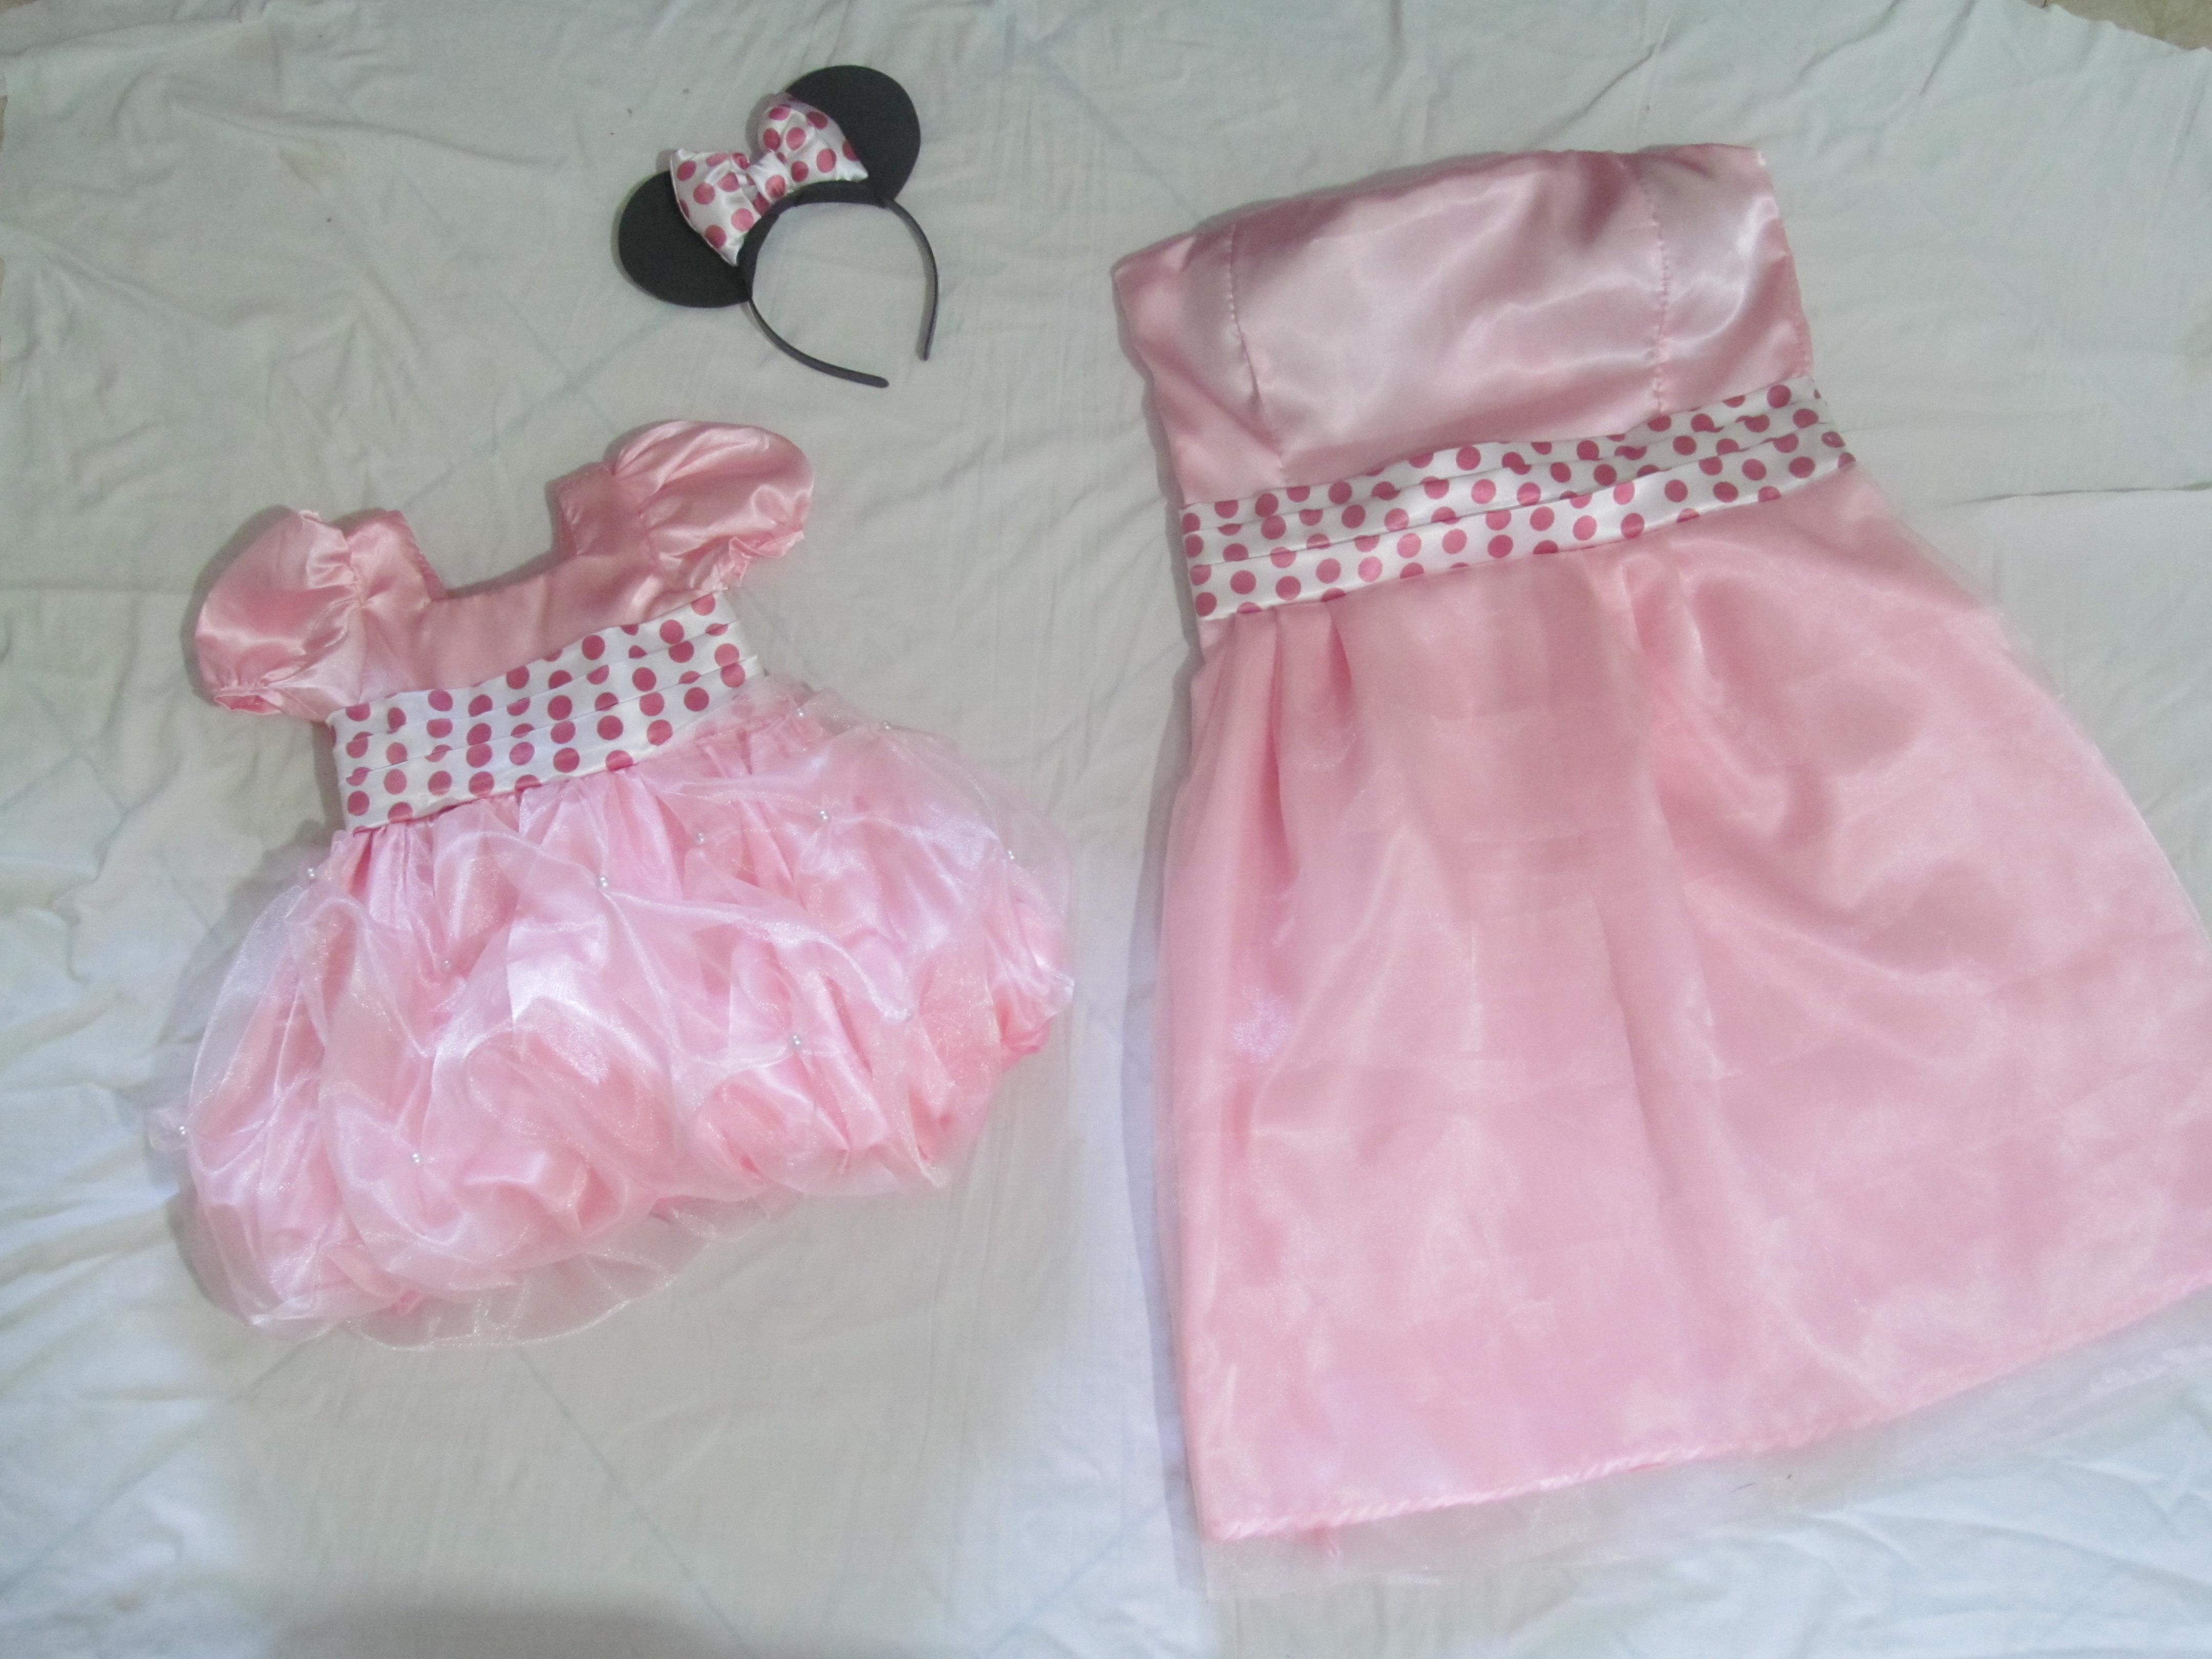 ... rosa mae e filha vestido mae e filha da minnie rosa festa vestido mae